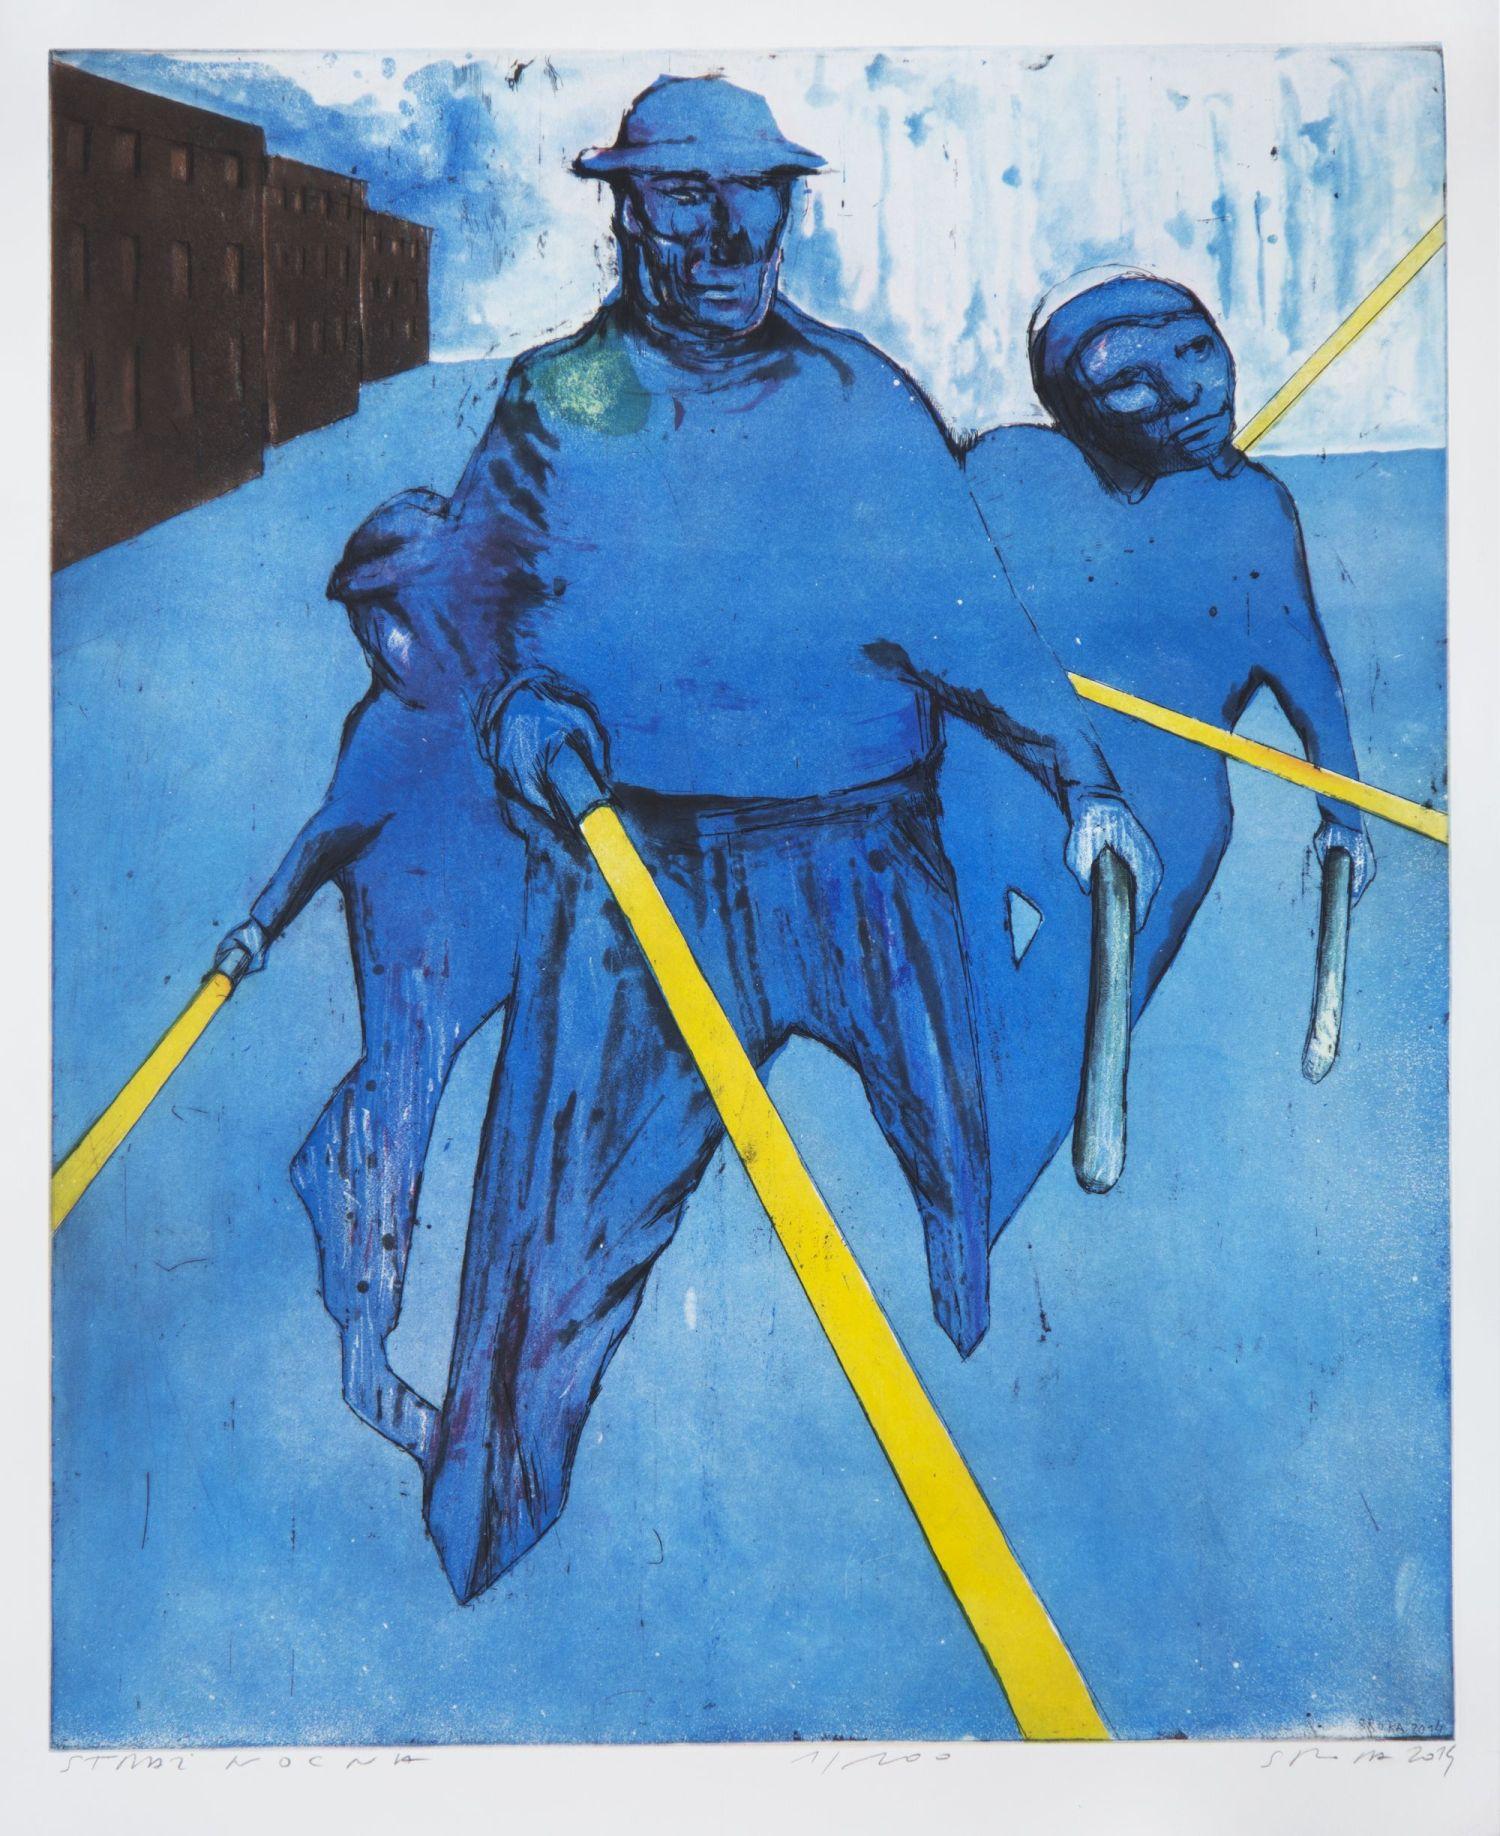 """Jacek Sroka, """"Straż nocna"""", akwaforta, akwatinta, 2014, własność artysty, fot. Janusz Kozina (źródło: materiały prasowe organizatora)"""